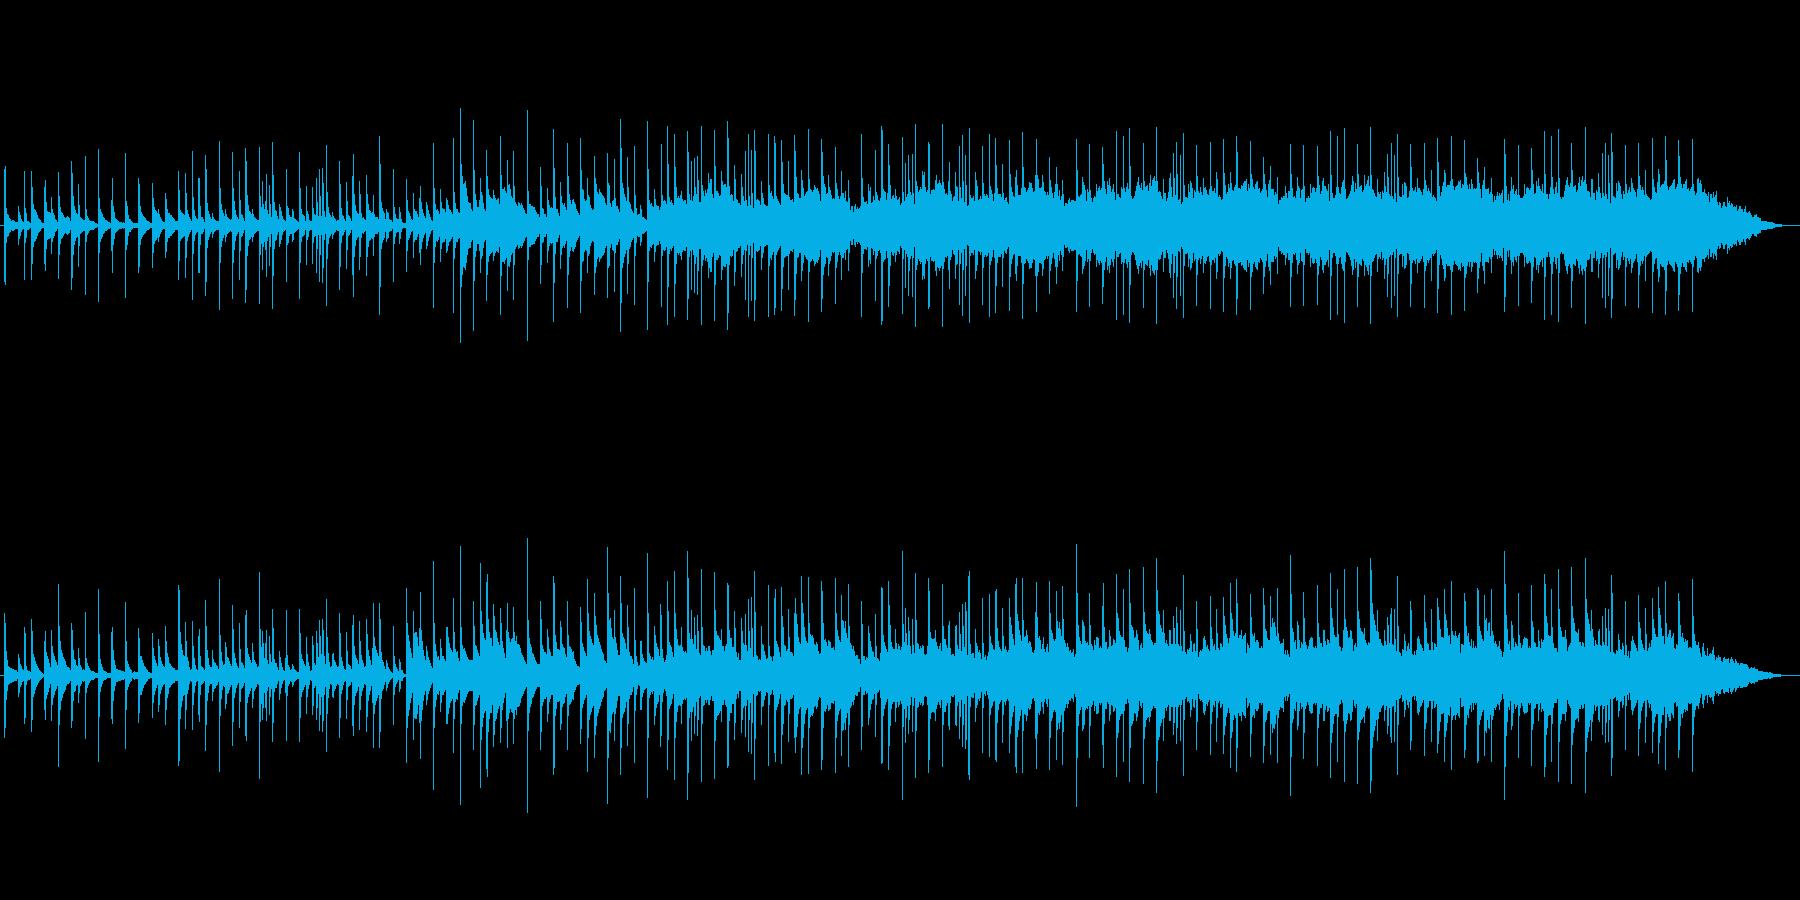 【めばえ】春 あたたかさのあるピアノ曲の再生済みの波形